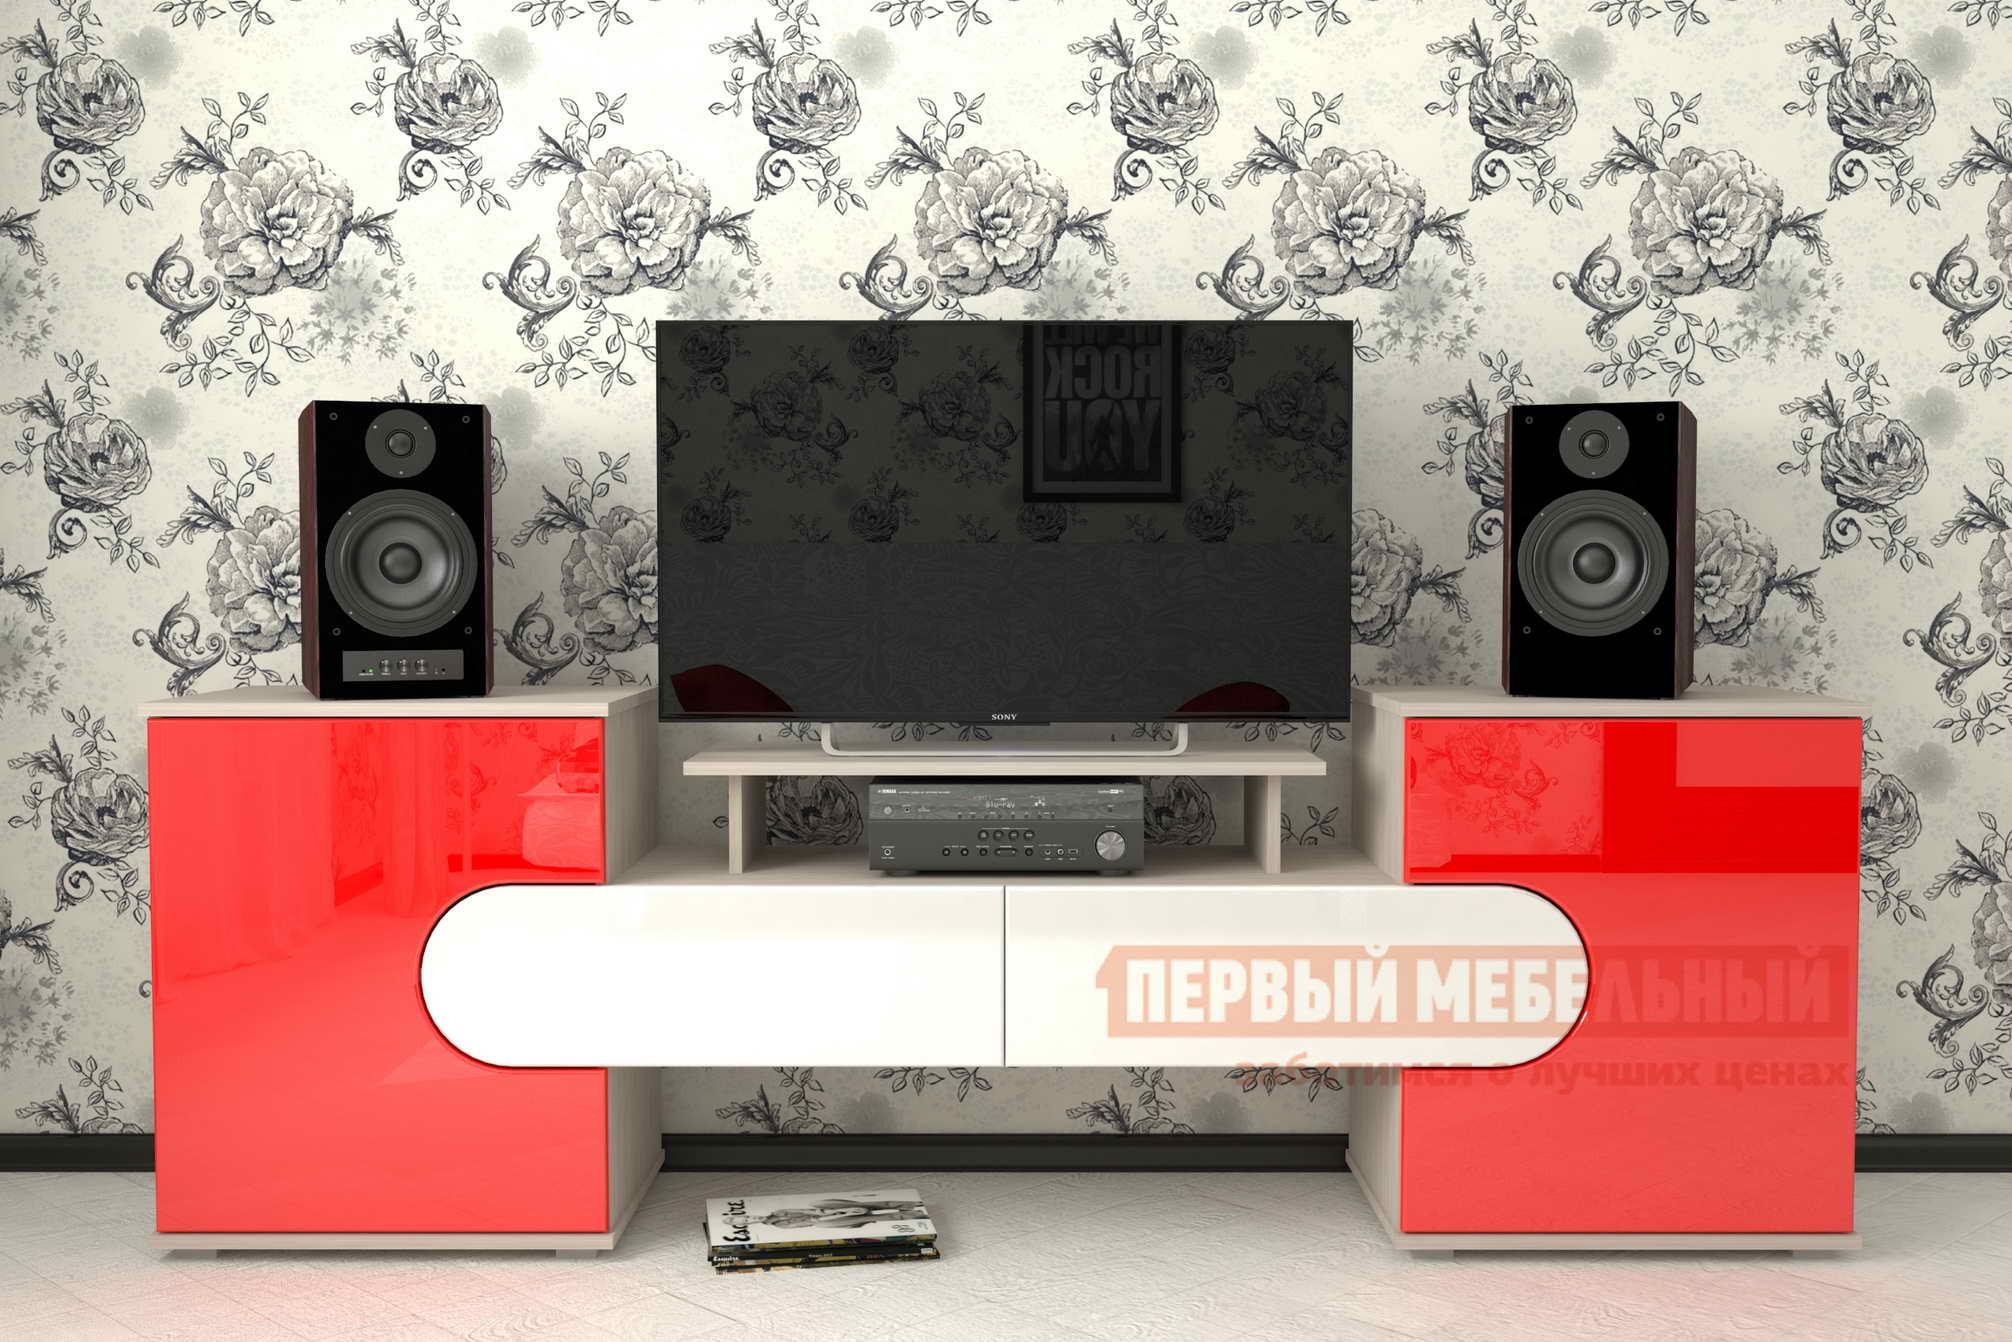 Тумба под телевизор Мебелеф Тумба под ТВ «Мебелеф-5» тумба под телевизор мебелеф тумба под тв мебелеф 6